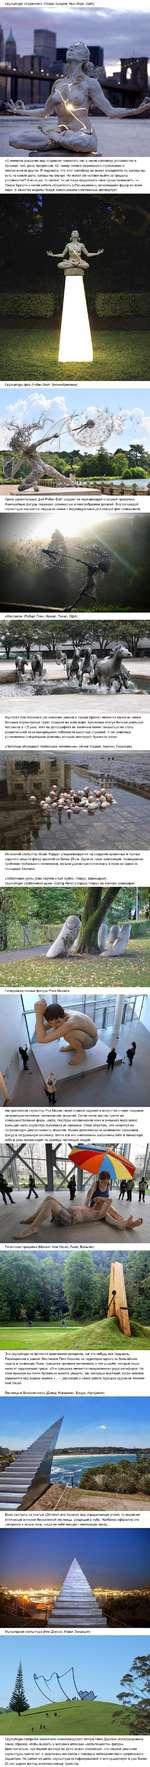 I Скульптура «Expansion» (Пэйдж Брэдли, Нью-Йорк. США) Скульптуры фей (Робин Вайт. Великобритания) «С момента рождения мир старается поместить нас в некий контейнер условностей и ярлыков: пол, раса, профессия, ю, номер полиса социального страхования и многое-многое другое. Я подумала, что этот ко